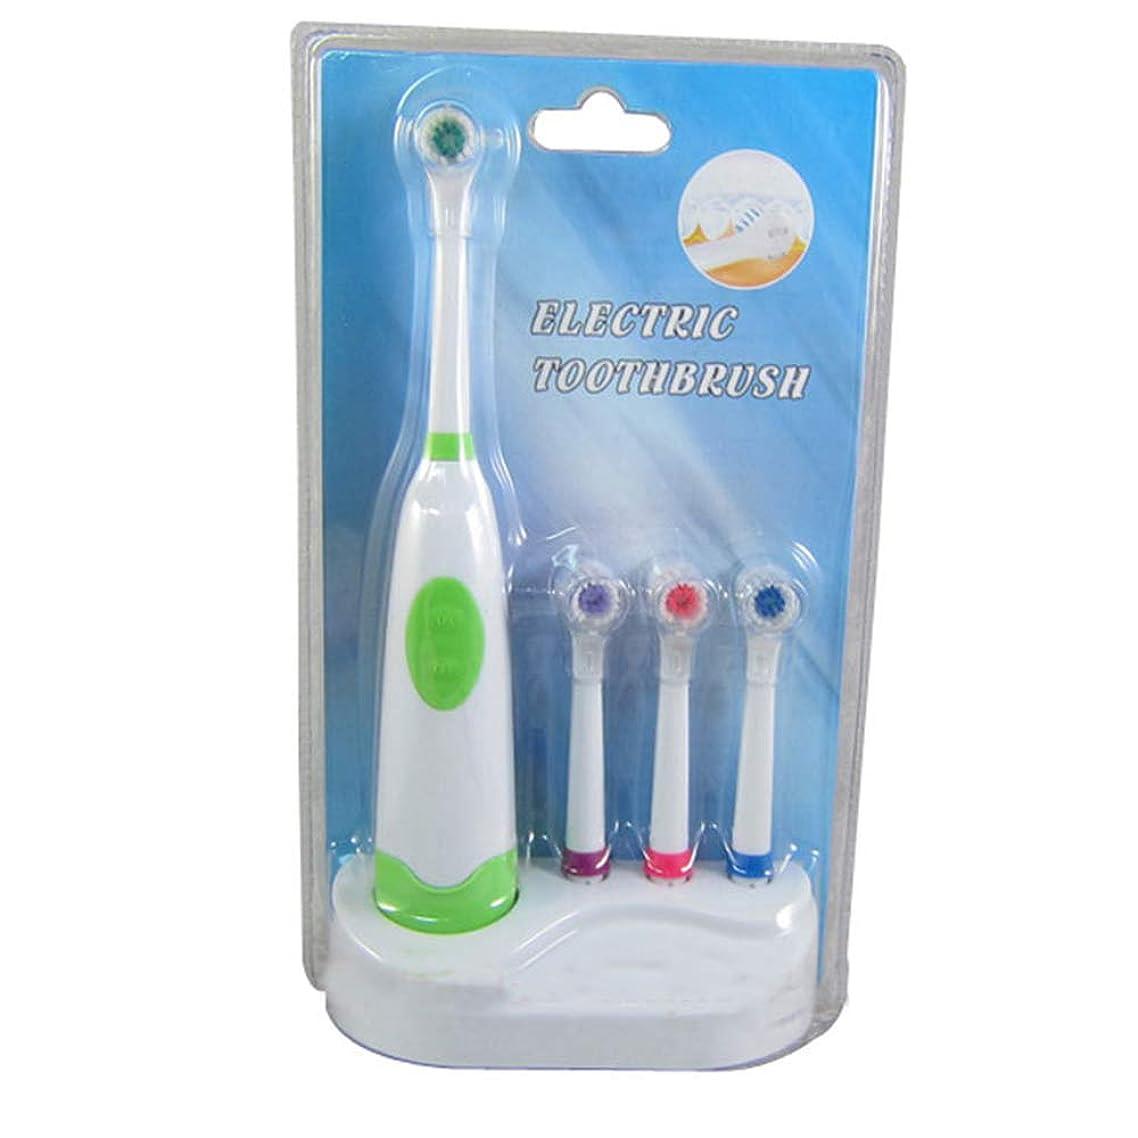 事前にのぞき見ベッド2PCSロータリー自動電動歯ブラシ、超音波防水オーラルクリーニング、ベース付き4ブラシヘッド4シールド(バッテリーなし),A